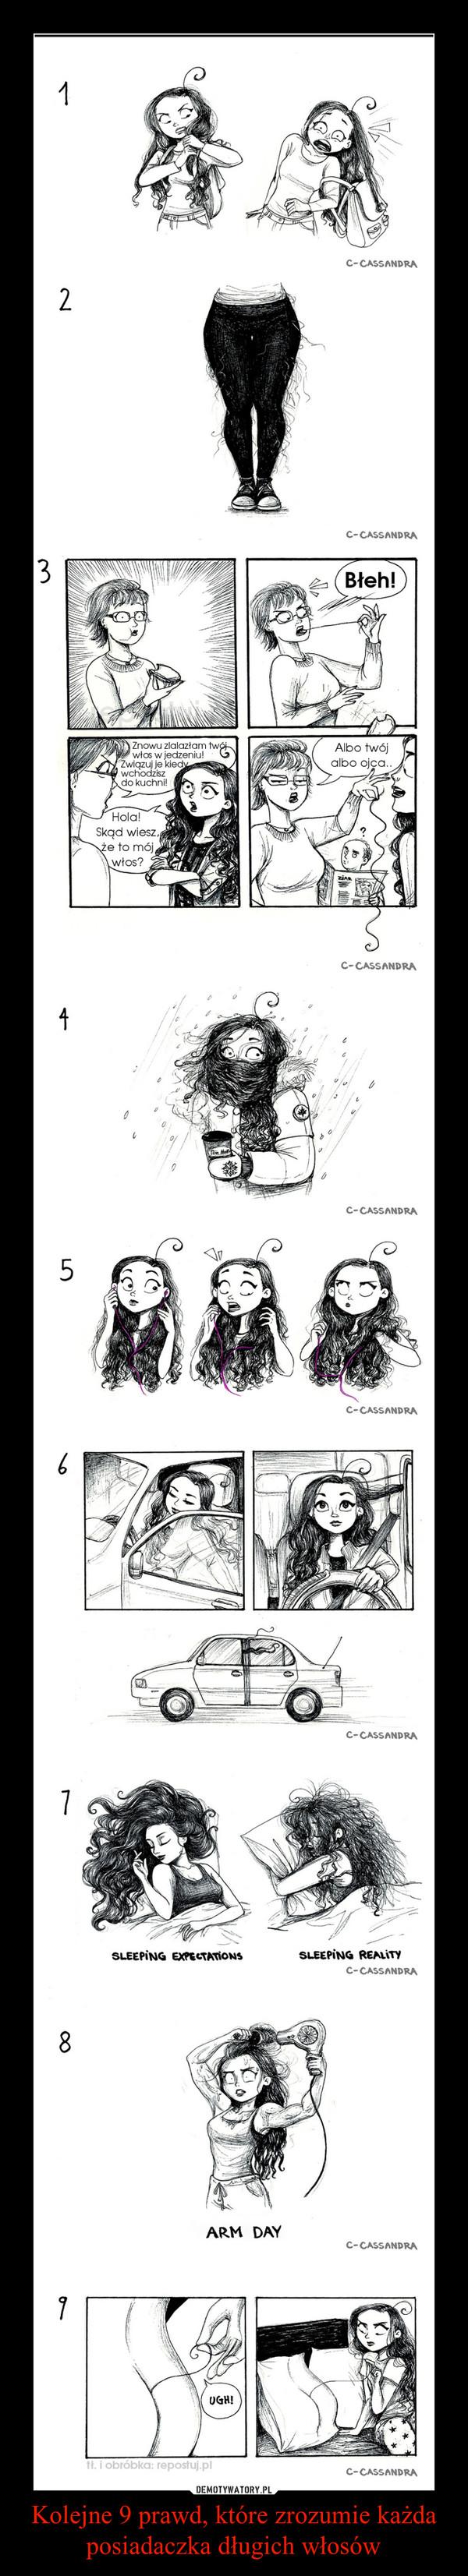 Kolejne 9 prawd, które zrozumie każda posiadaczka długich włosów –